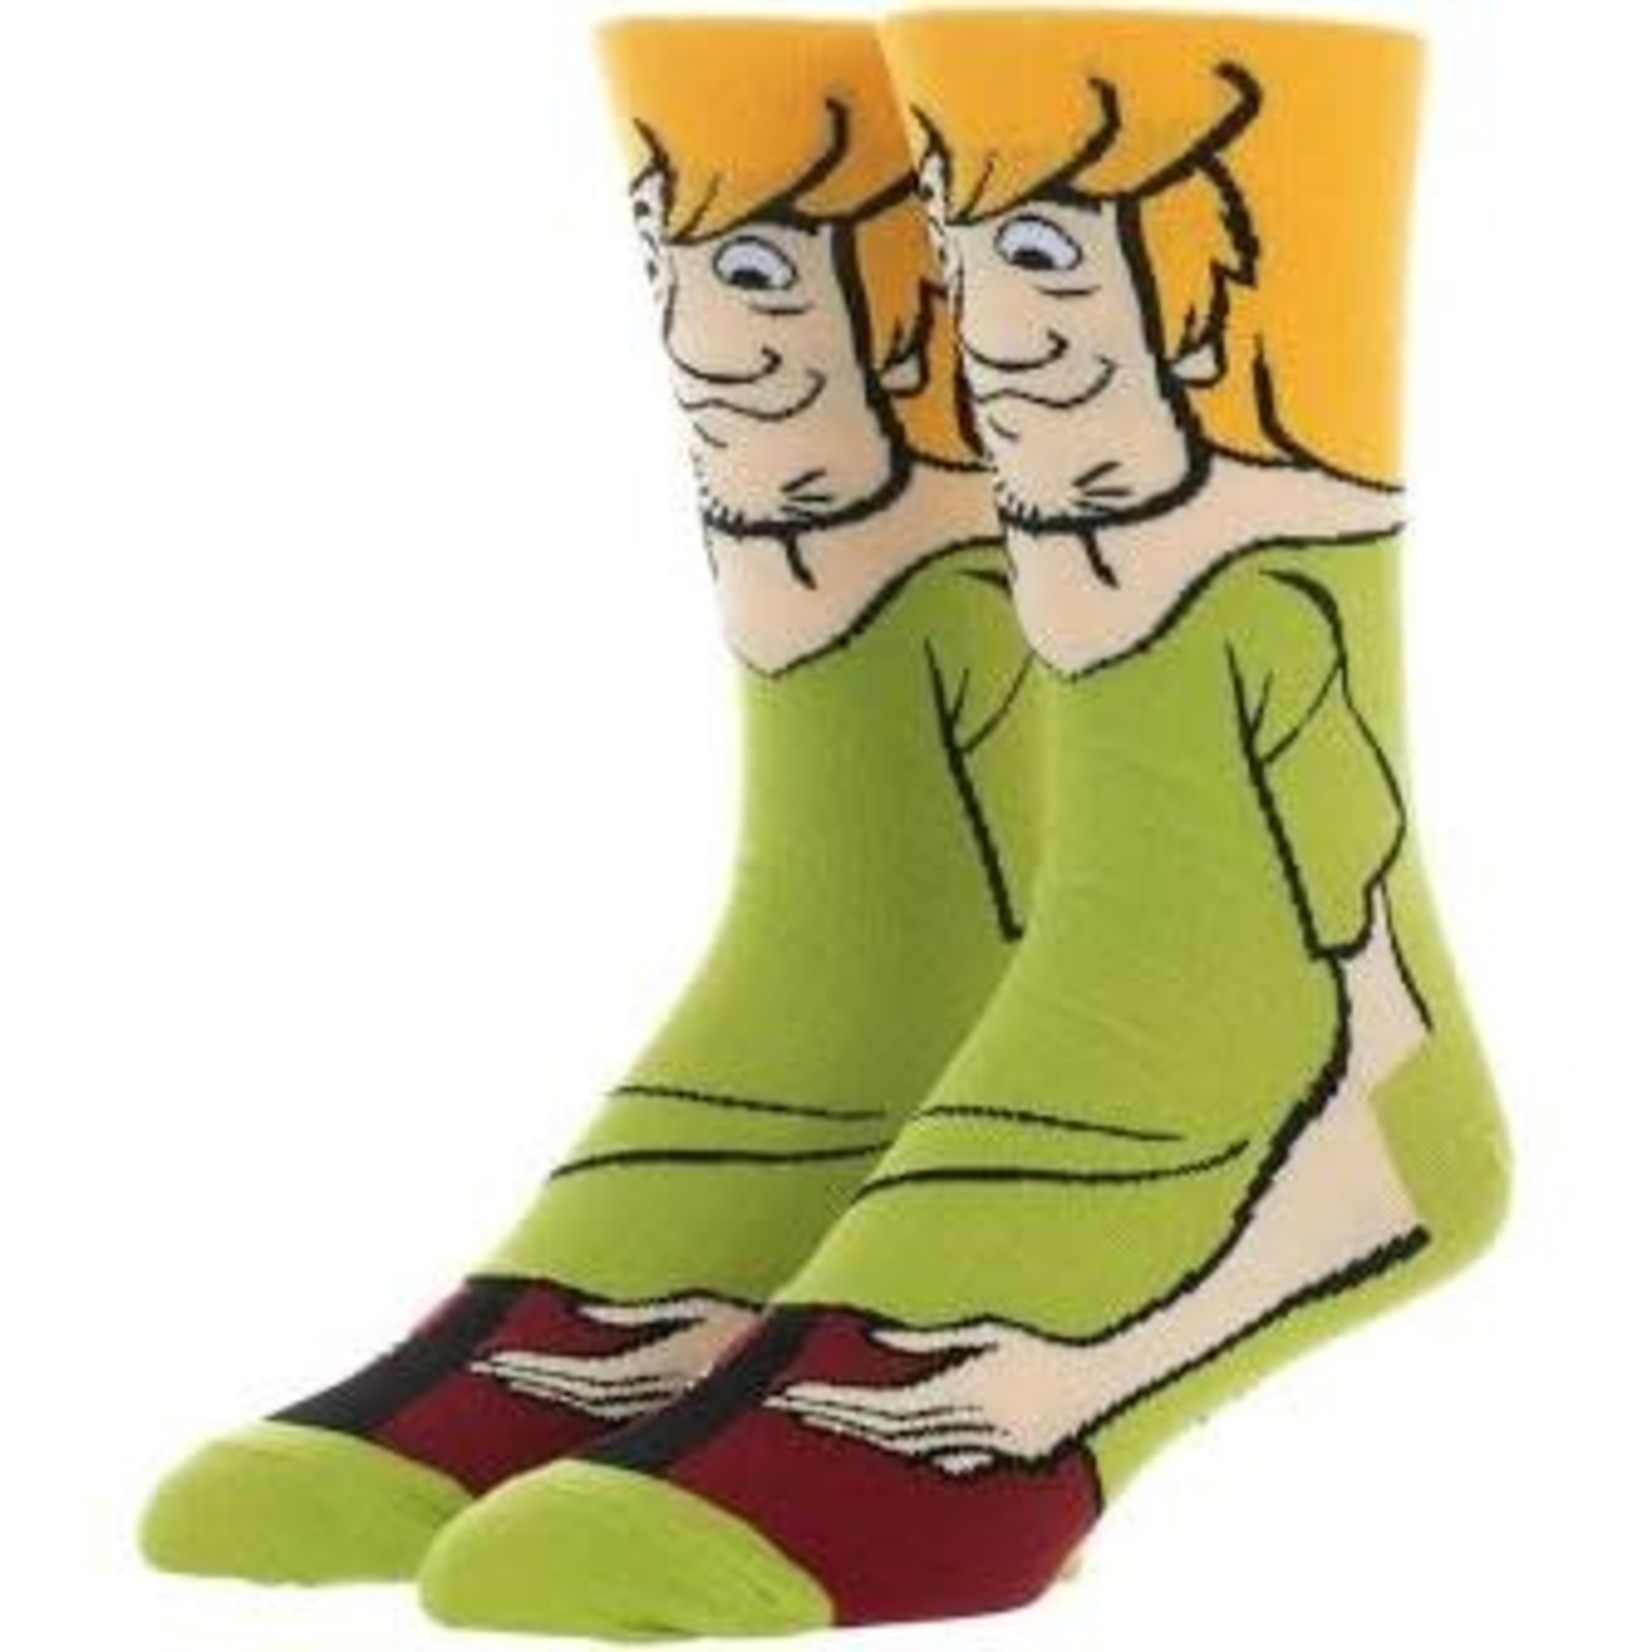 Socks (Mens) Shaggy From Scooby Doo